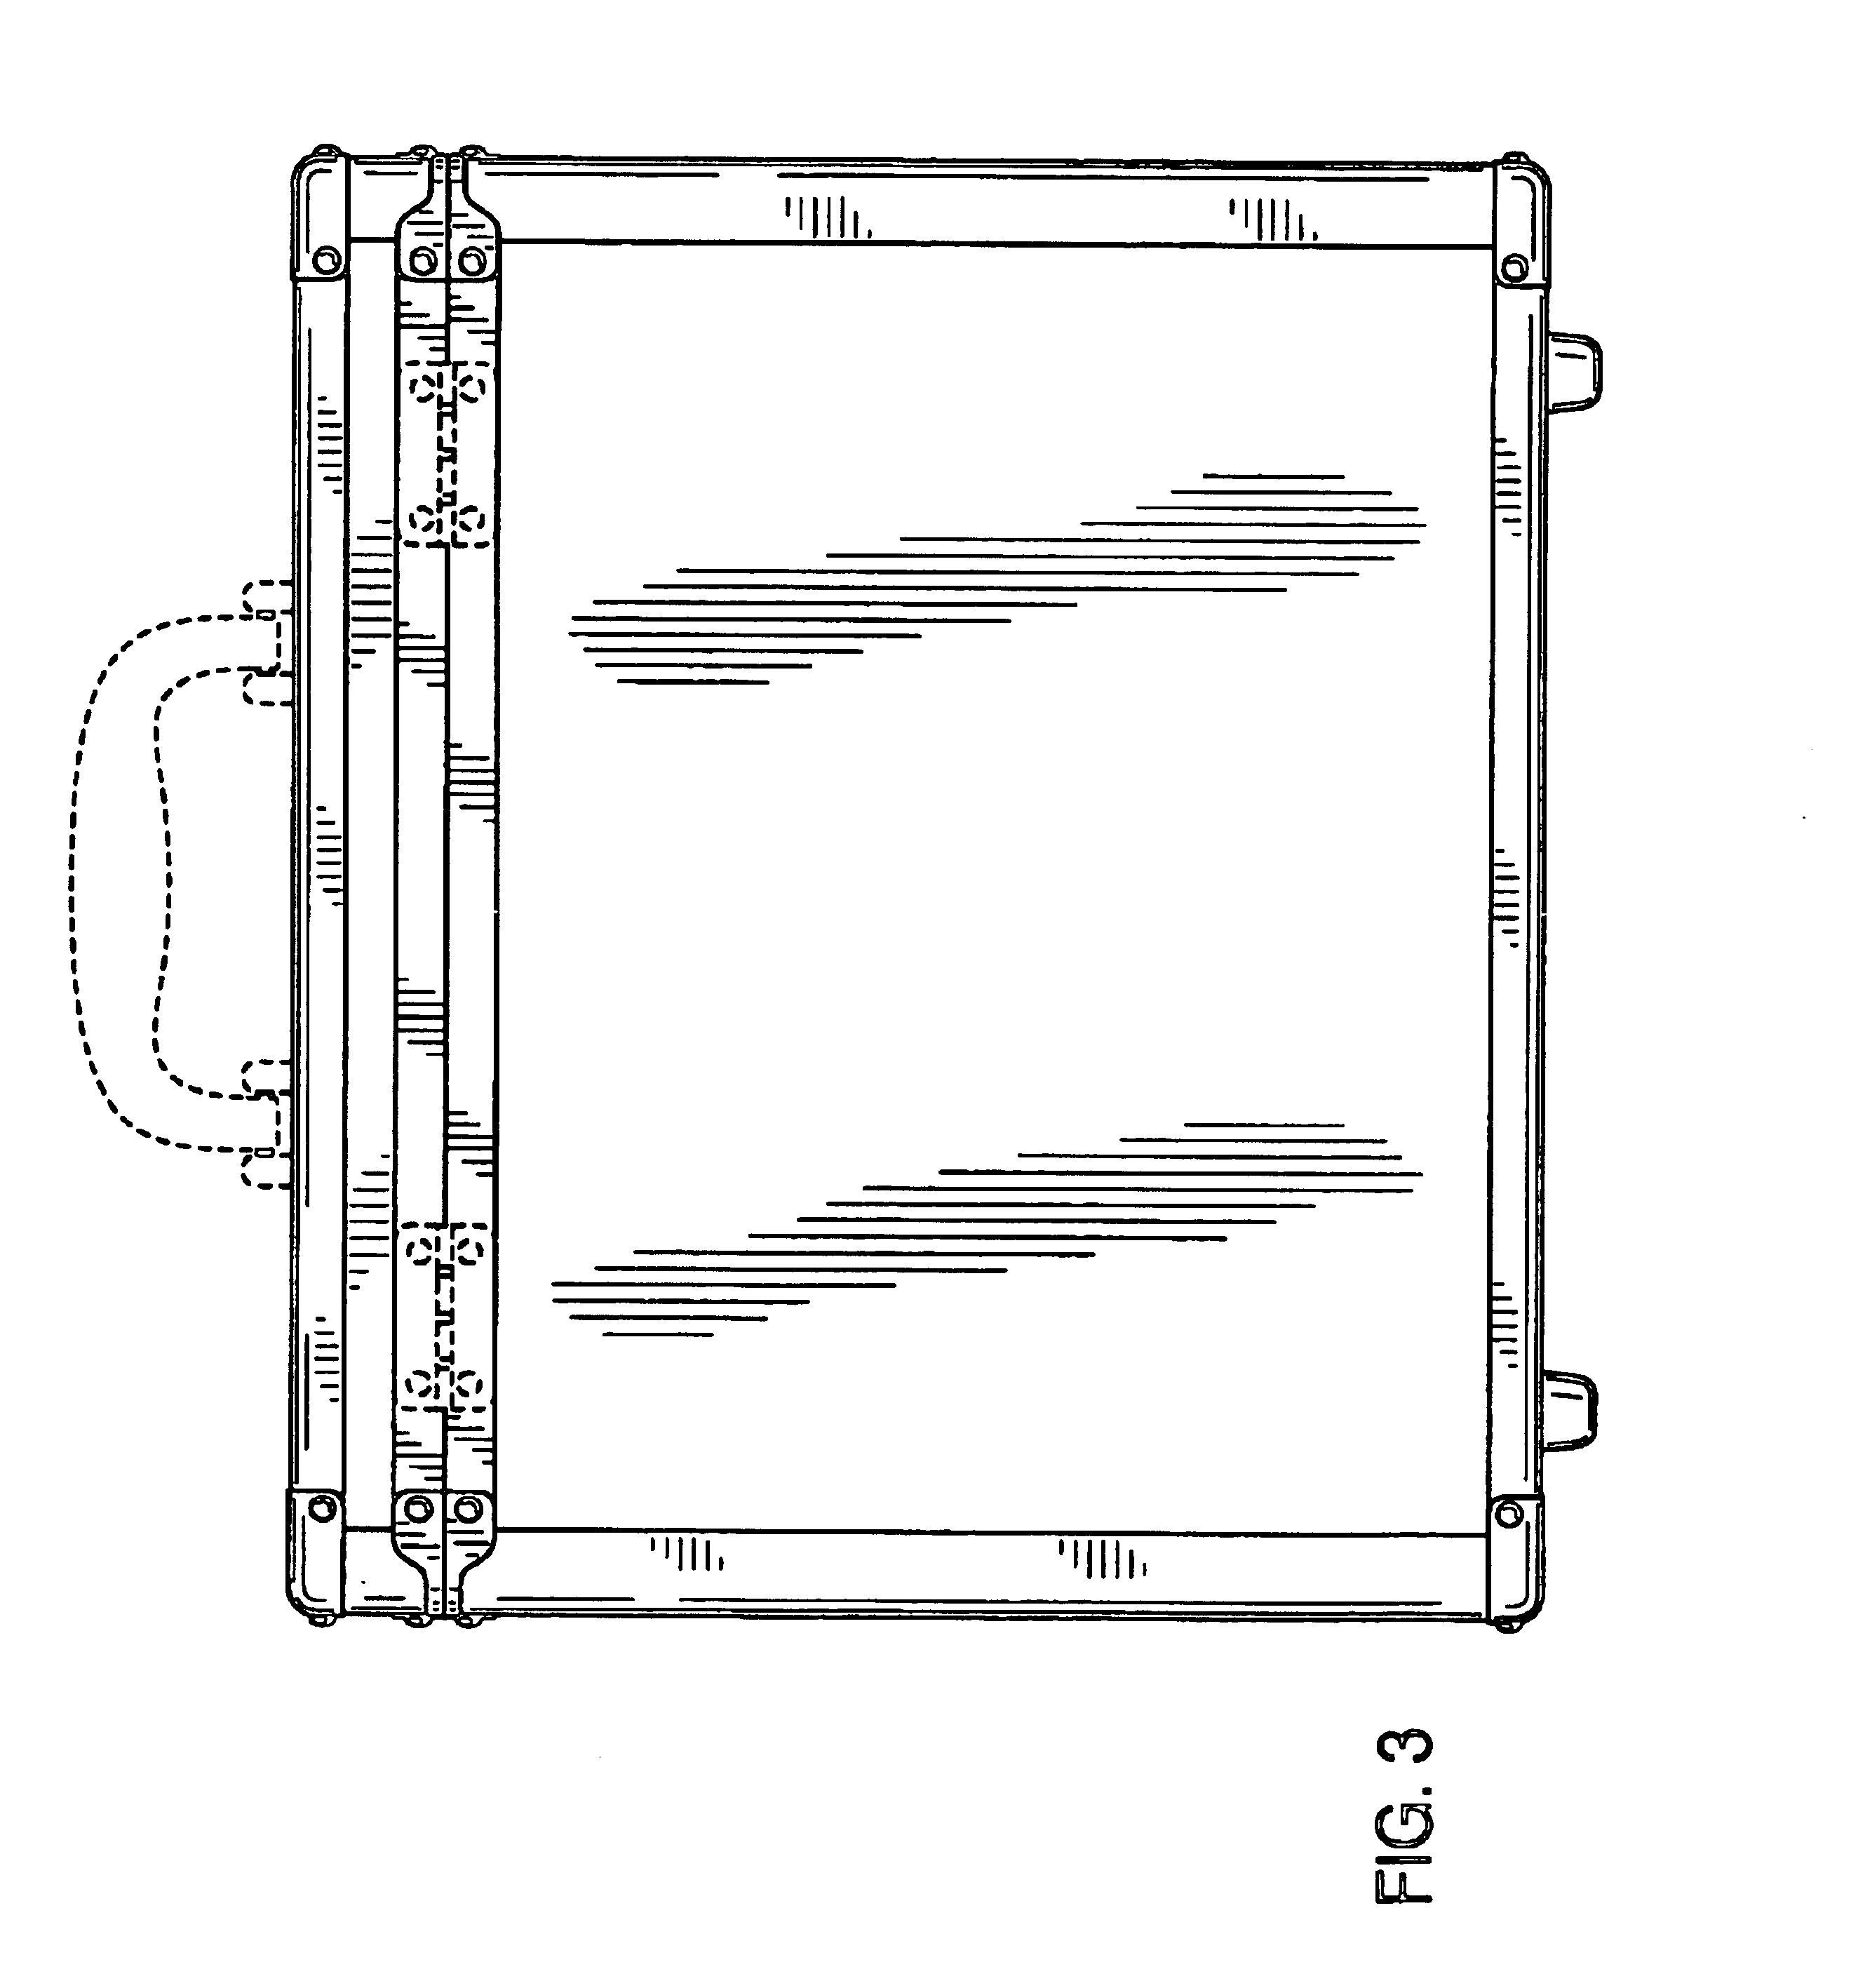 专利usd511035 - security box - google 专利